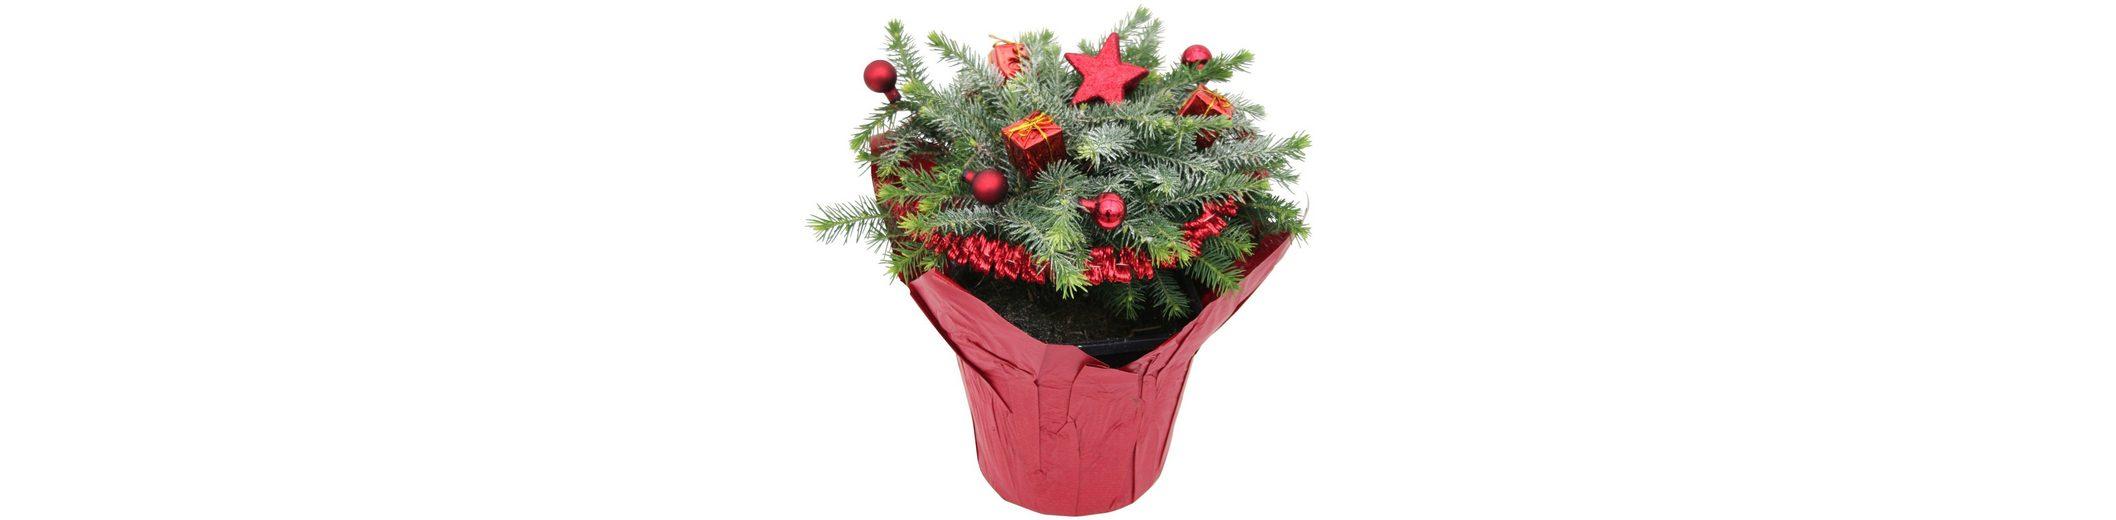 Konifere »Weihnachtsbaum« rot, Lieferhöhe: 15 cm